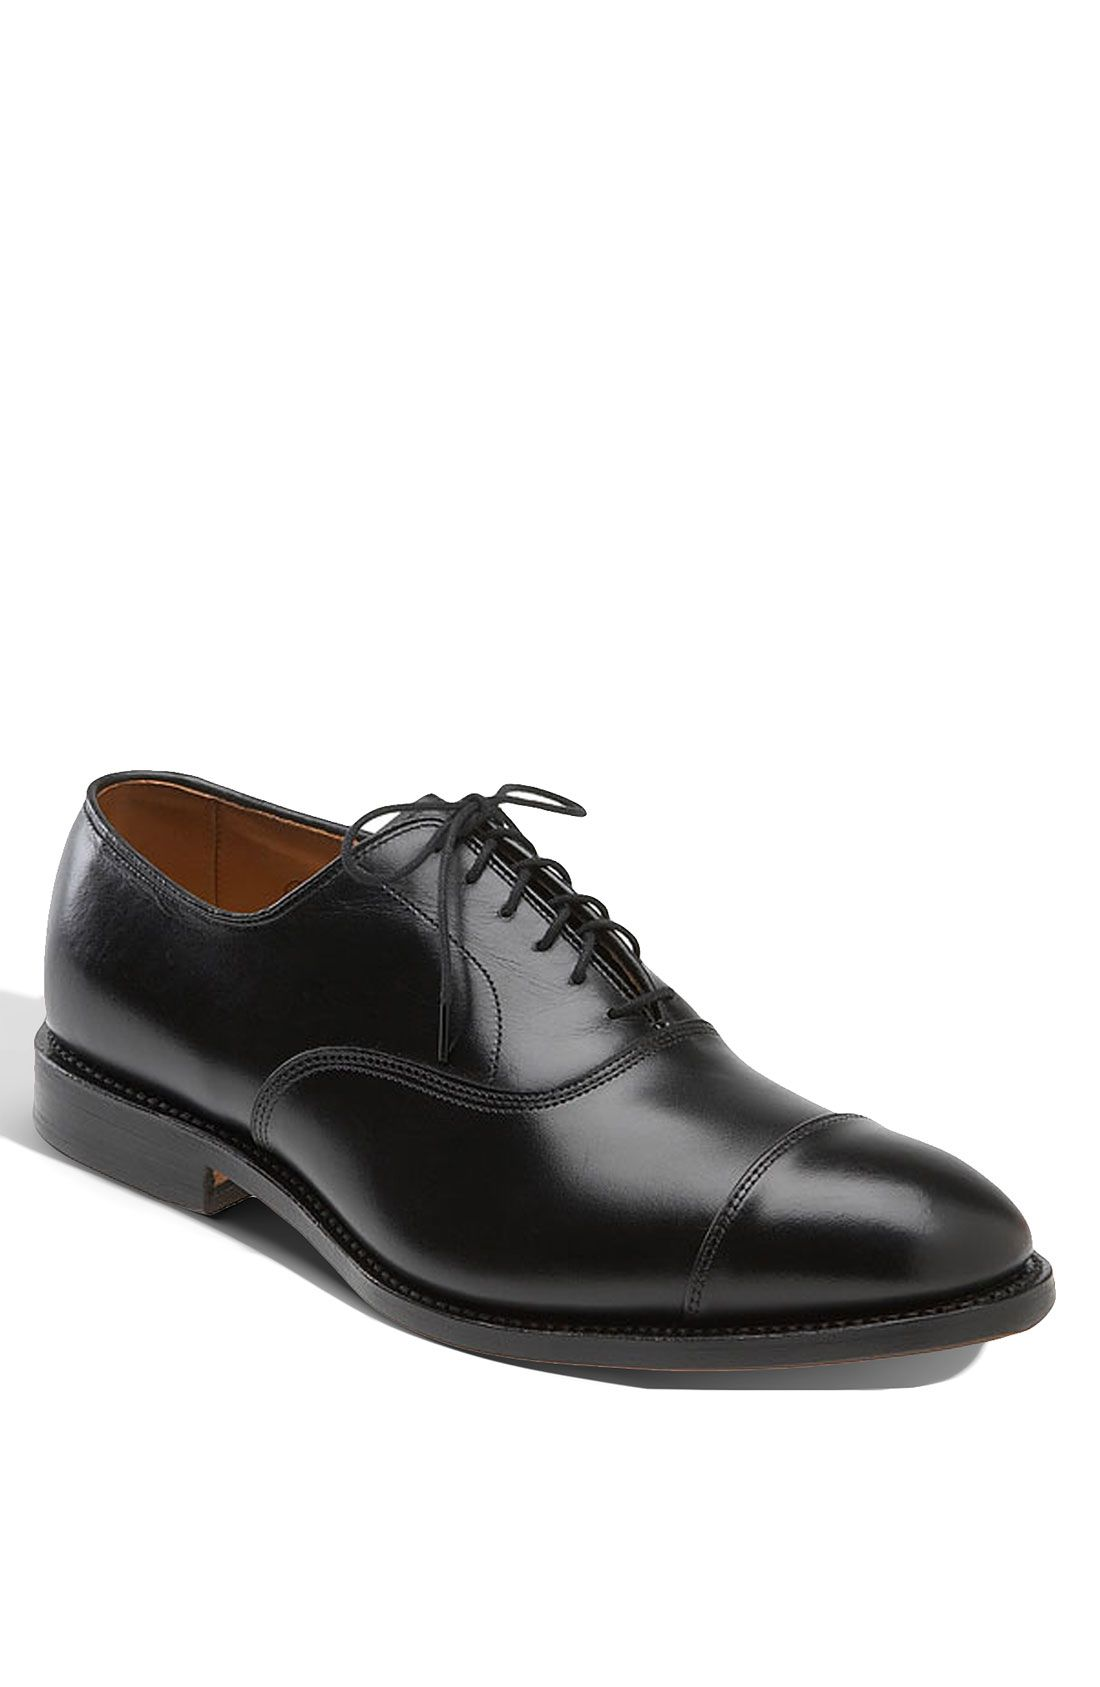 Men's Shoes   Dress shoes men, Mens oxfords, Oxford shoes men